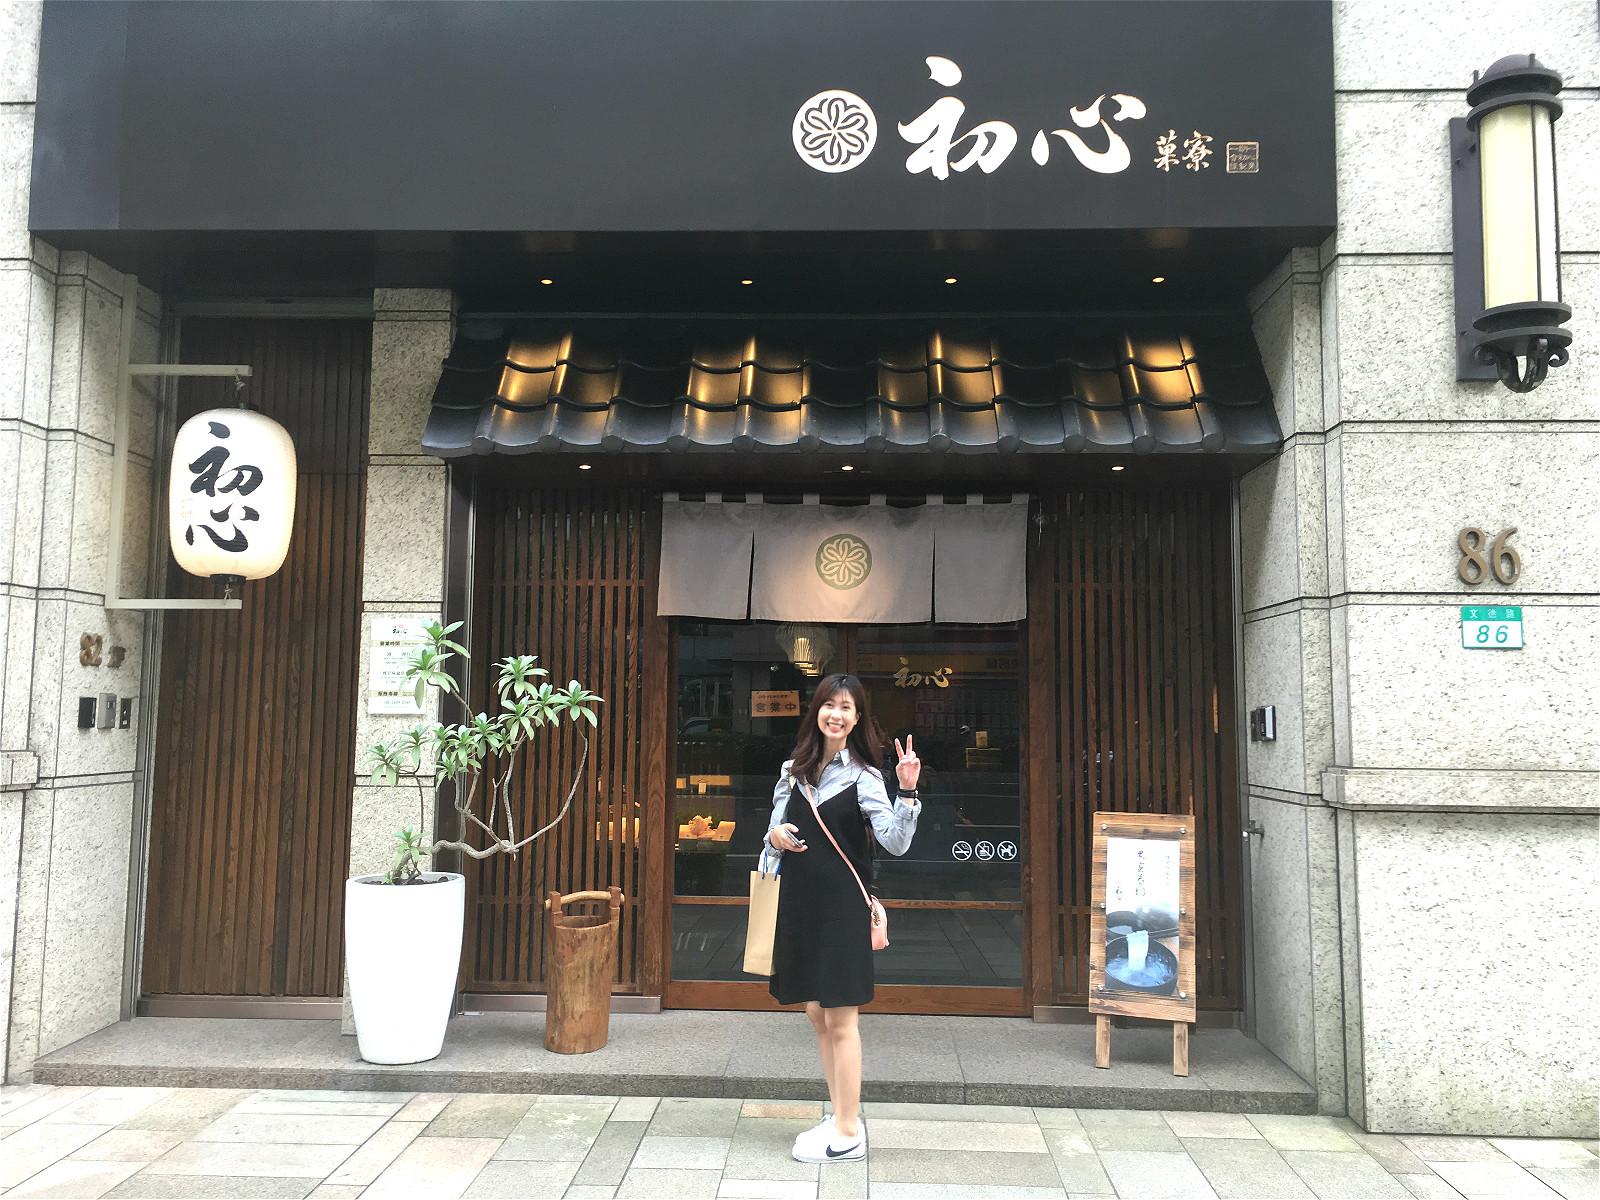 就是阿默集團新開的品牌店「初心菓寮」! 離捷運站非常近的日式小店,看看我們可愛的小編很開心終於吃到了~